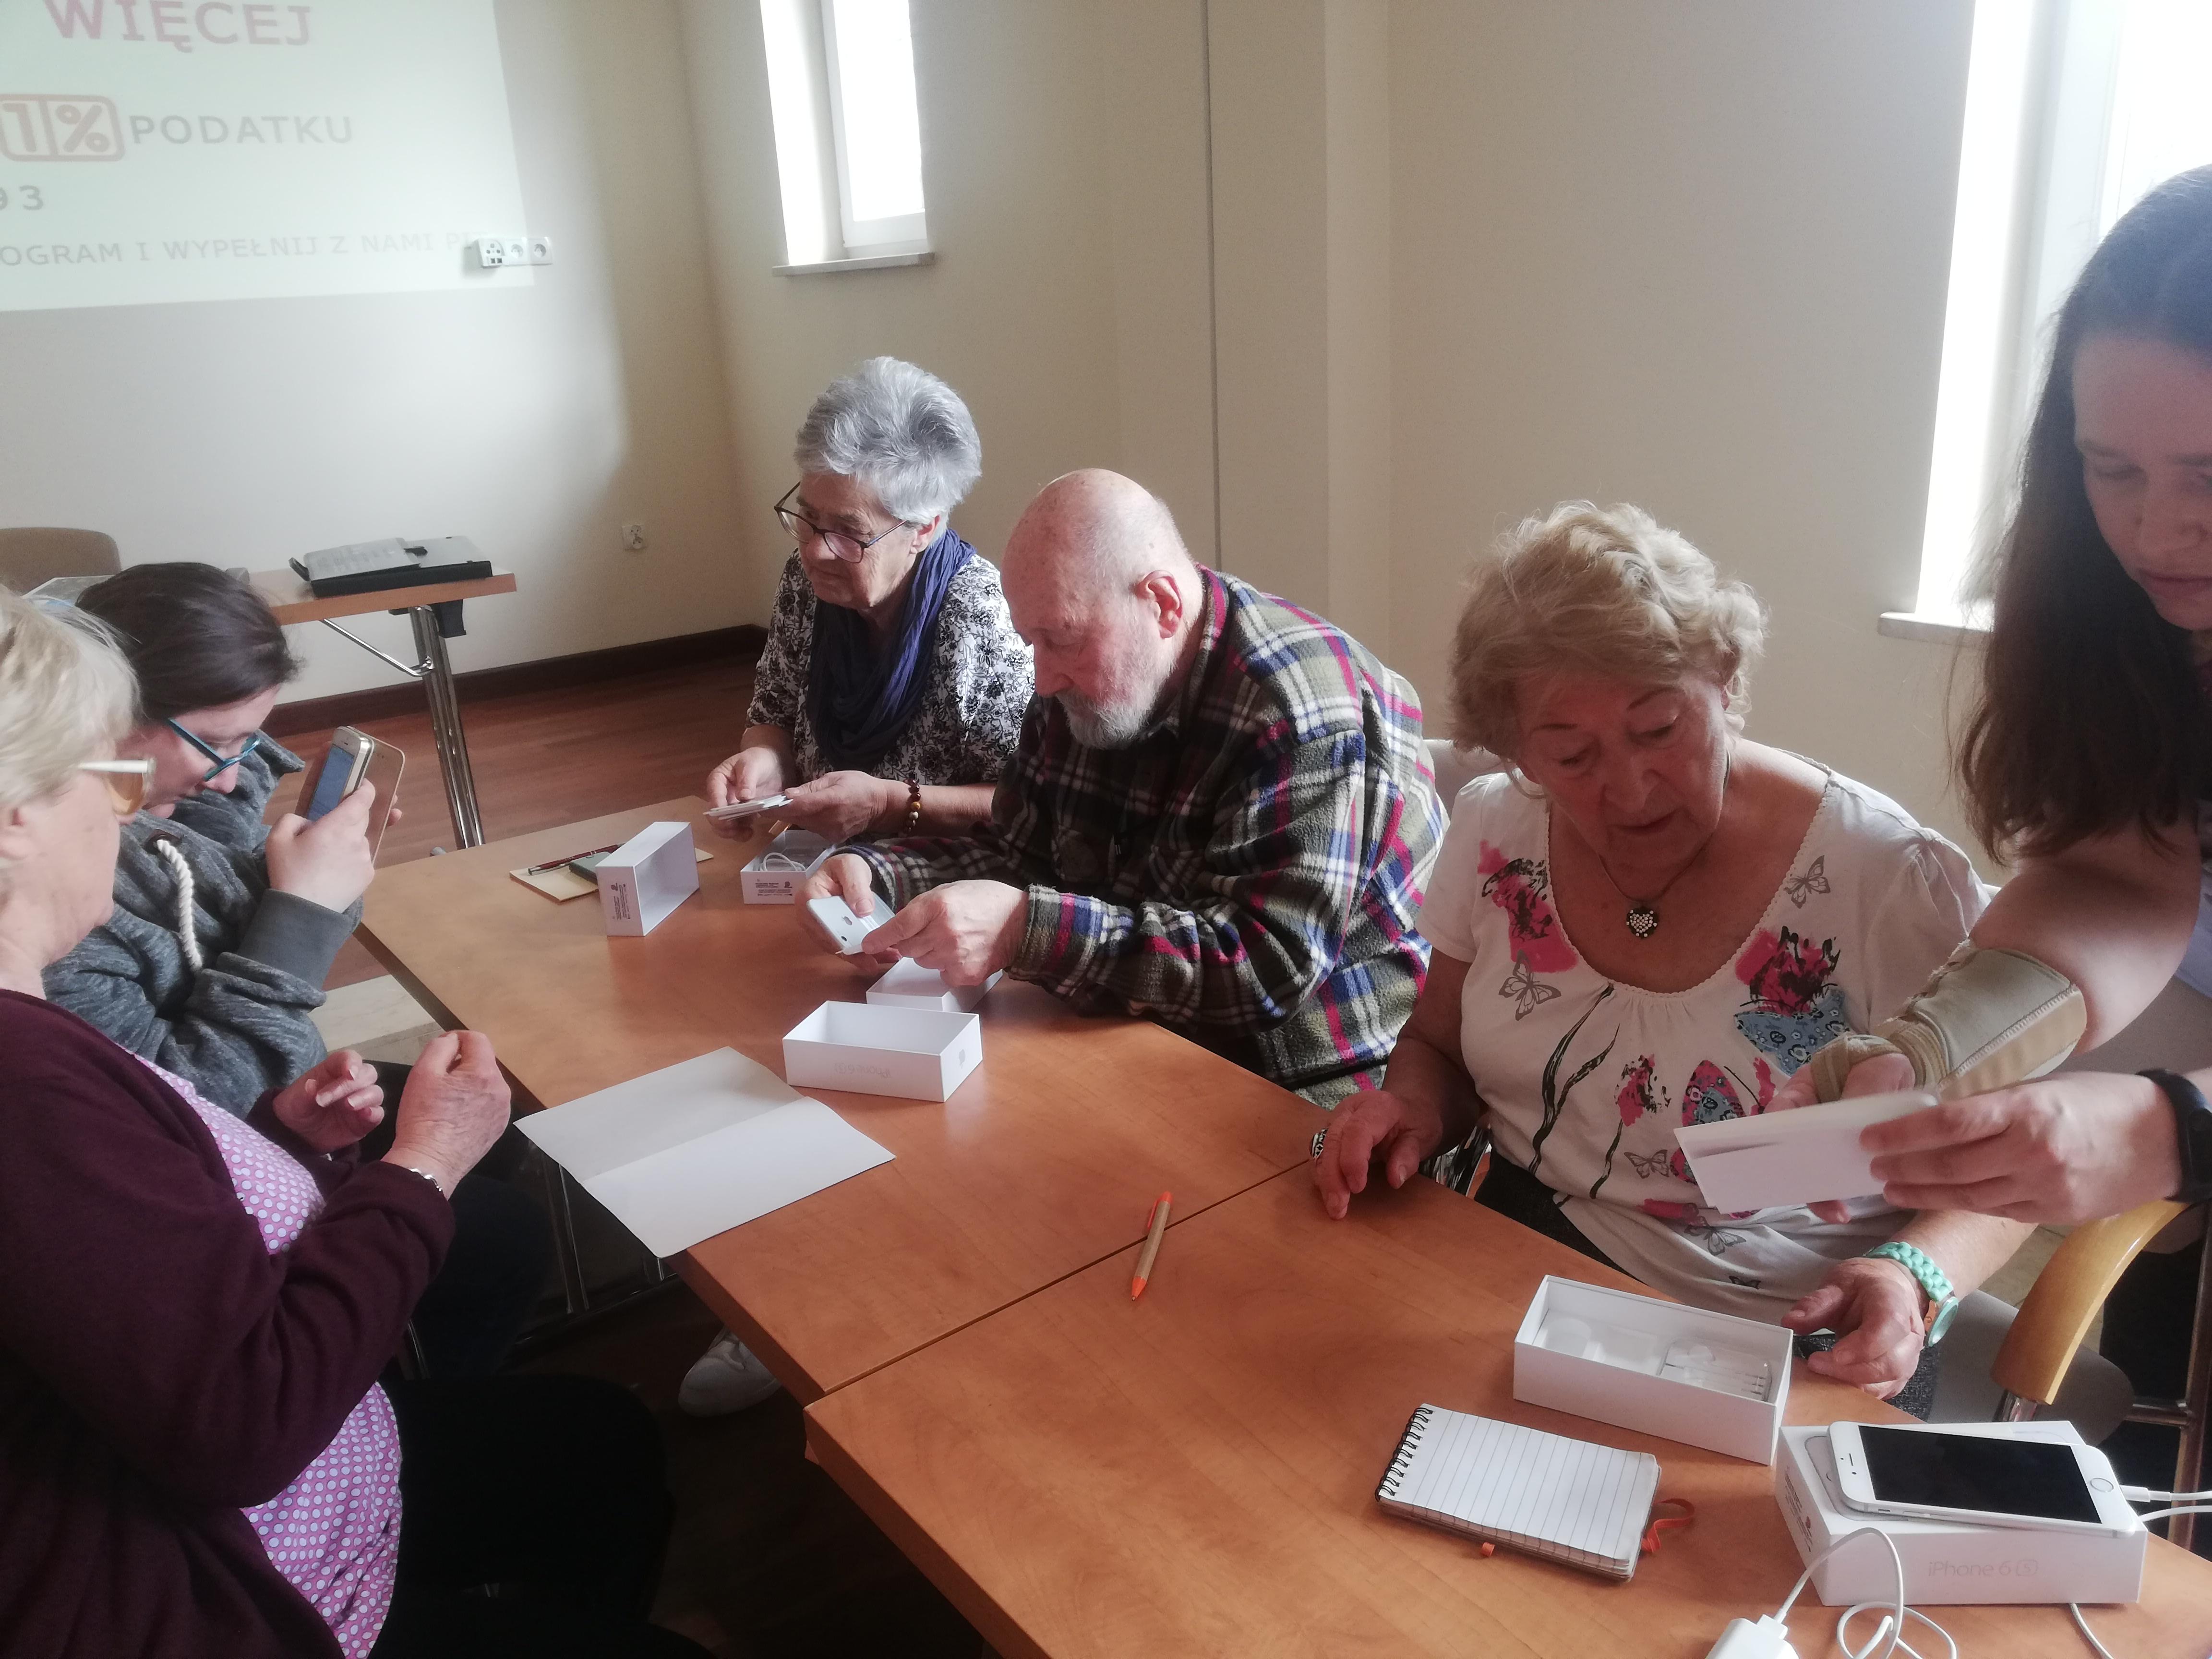 Pięć osób siedzących przy dwóch połączonych ze sobą stołach podczas rozpakowywania smartfonów. Z prawej strony widoczna twarz stojącej kobiety, która pomaga blondynce w białej, wzorzystej bluzce i krótkich, lekko kręconych blond włosach.